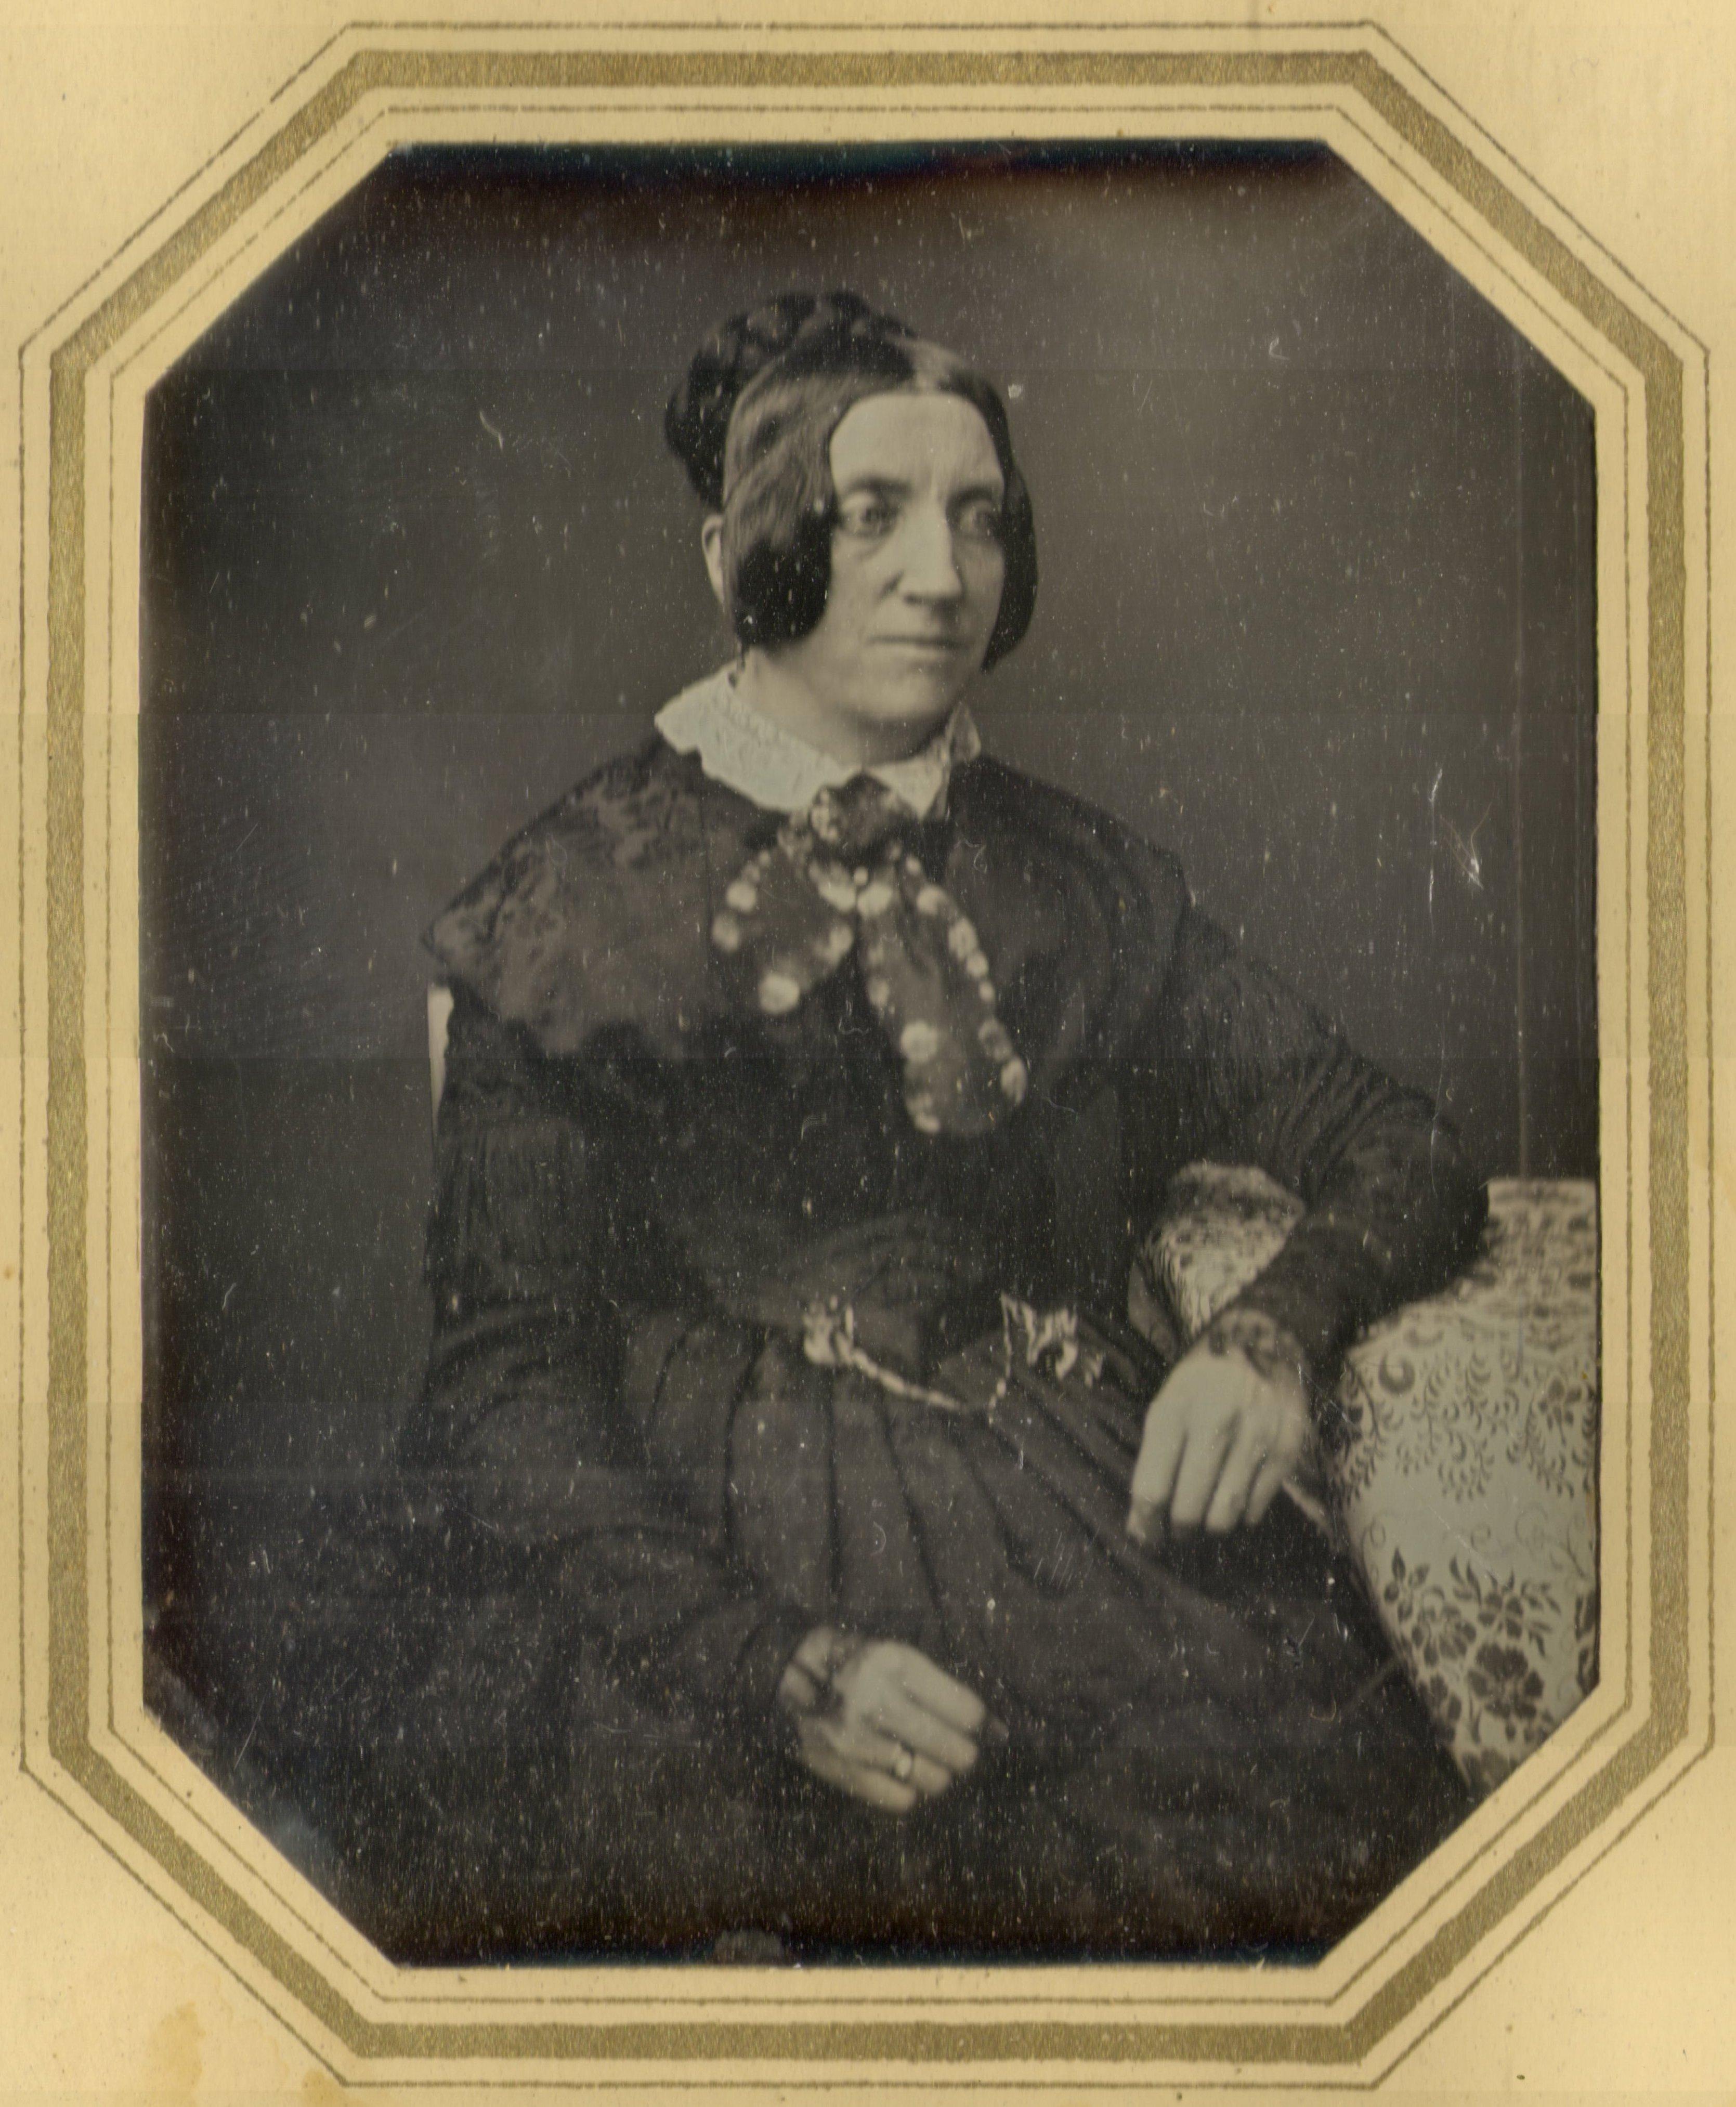 WIkipedia-Bild (Daguerreotypie) von Annette von Droste-Hülshoff